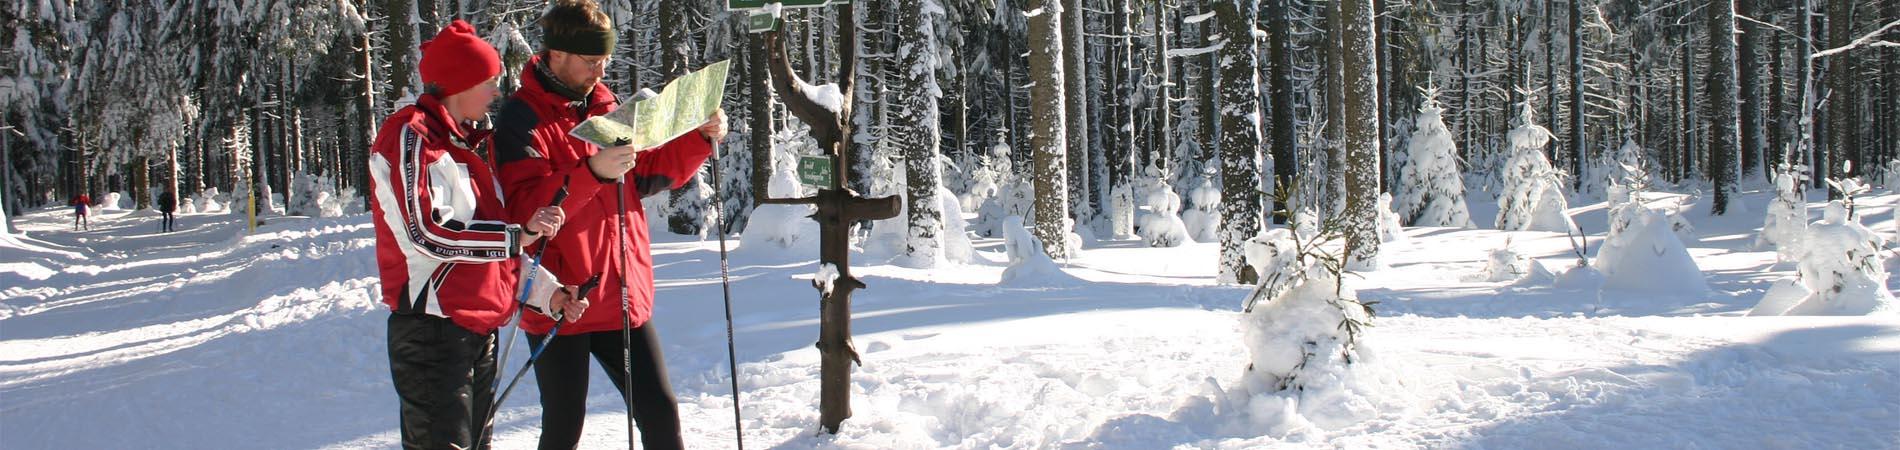 winter_skiwandern.jpg